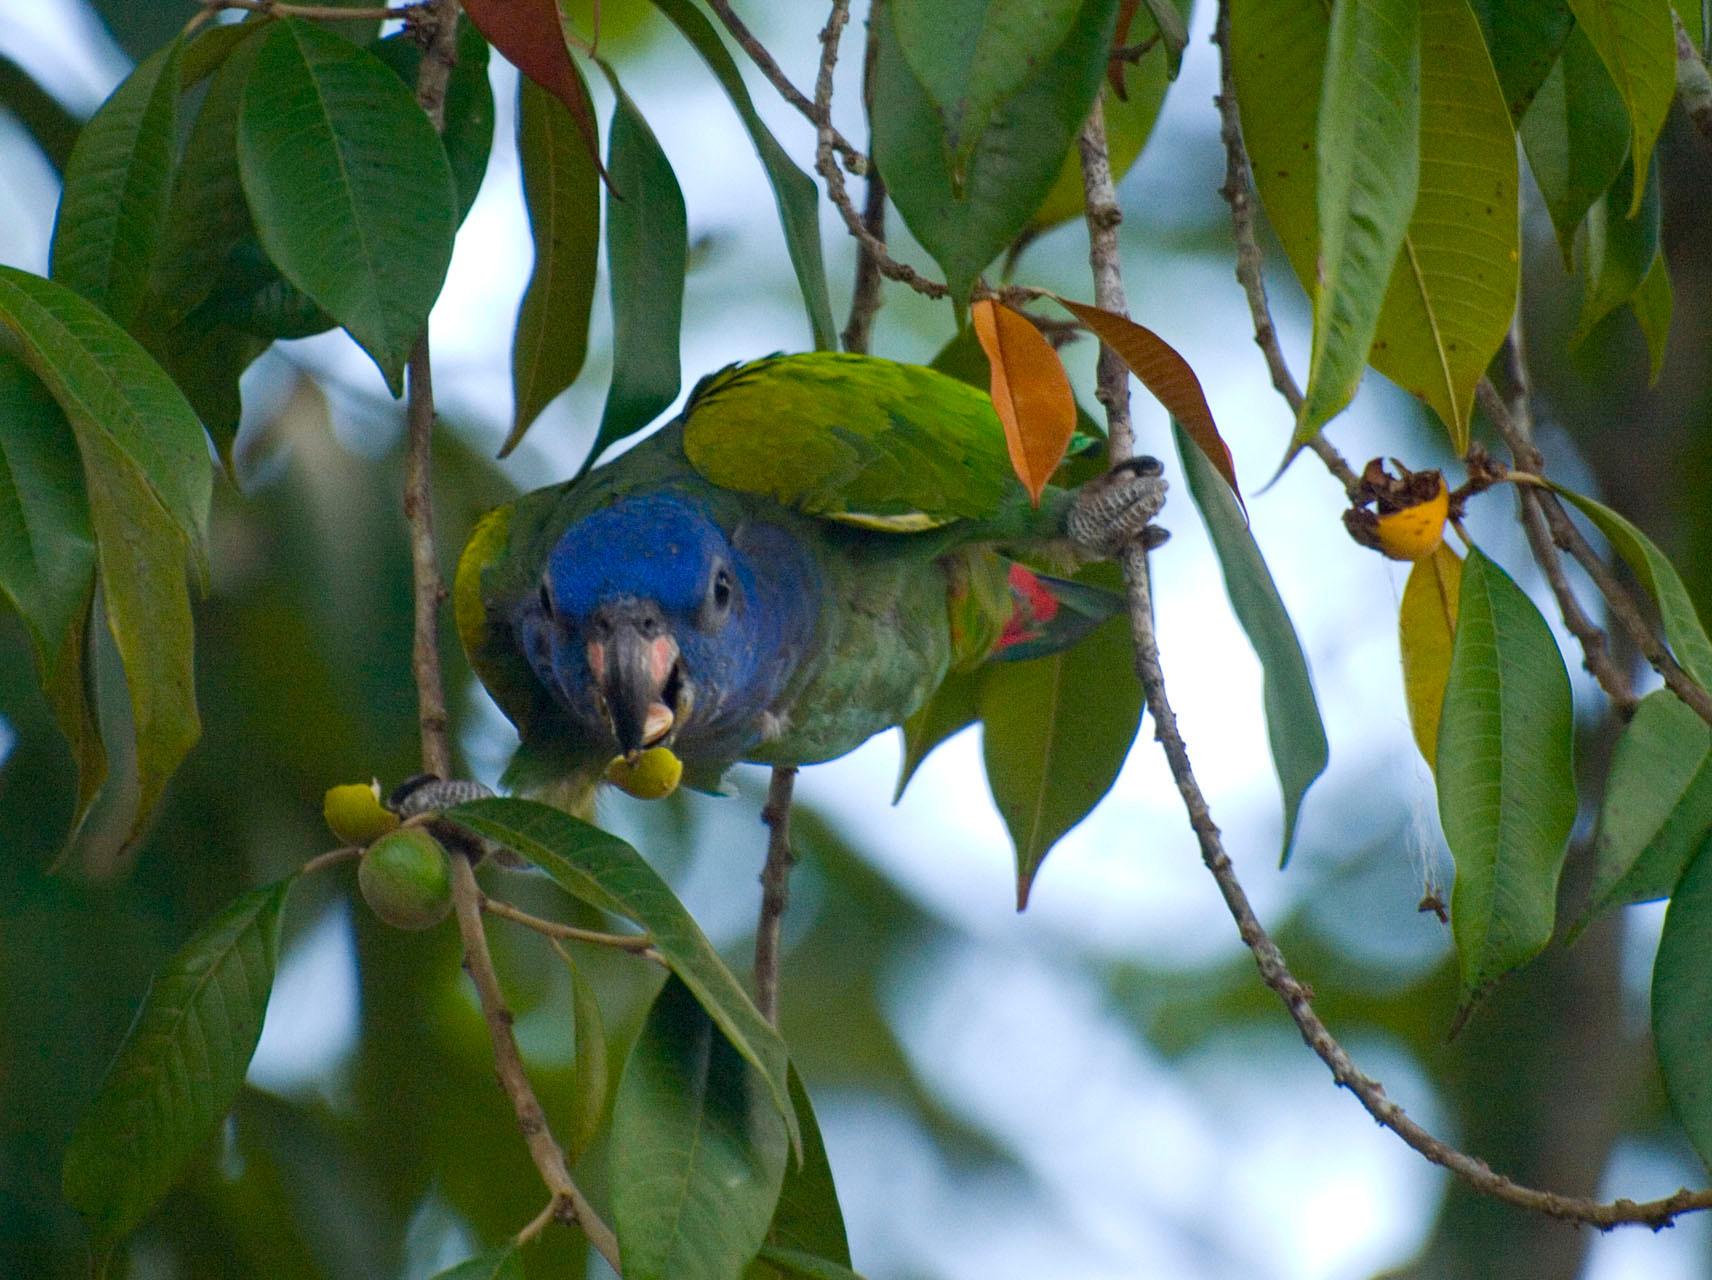 Parrot [Suriname, 2009]